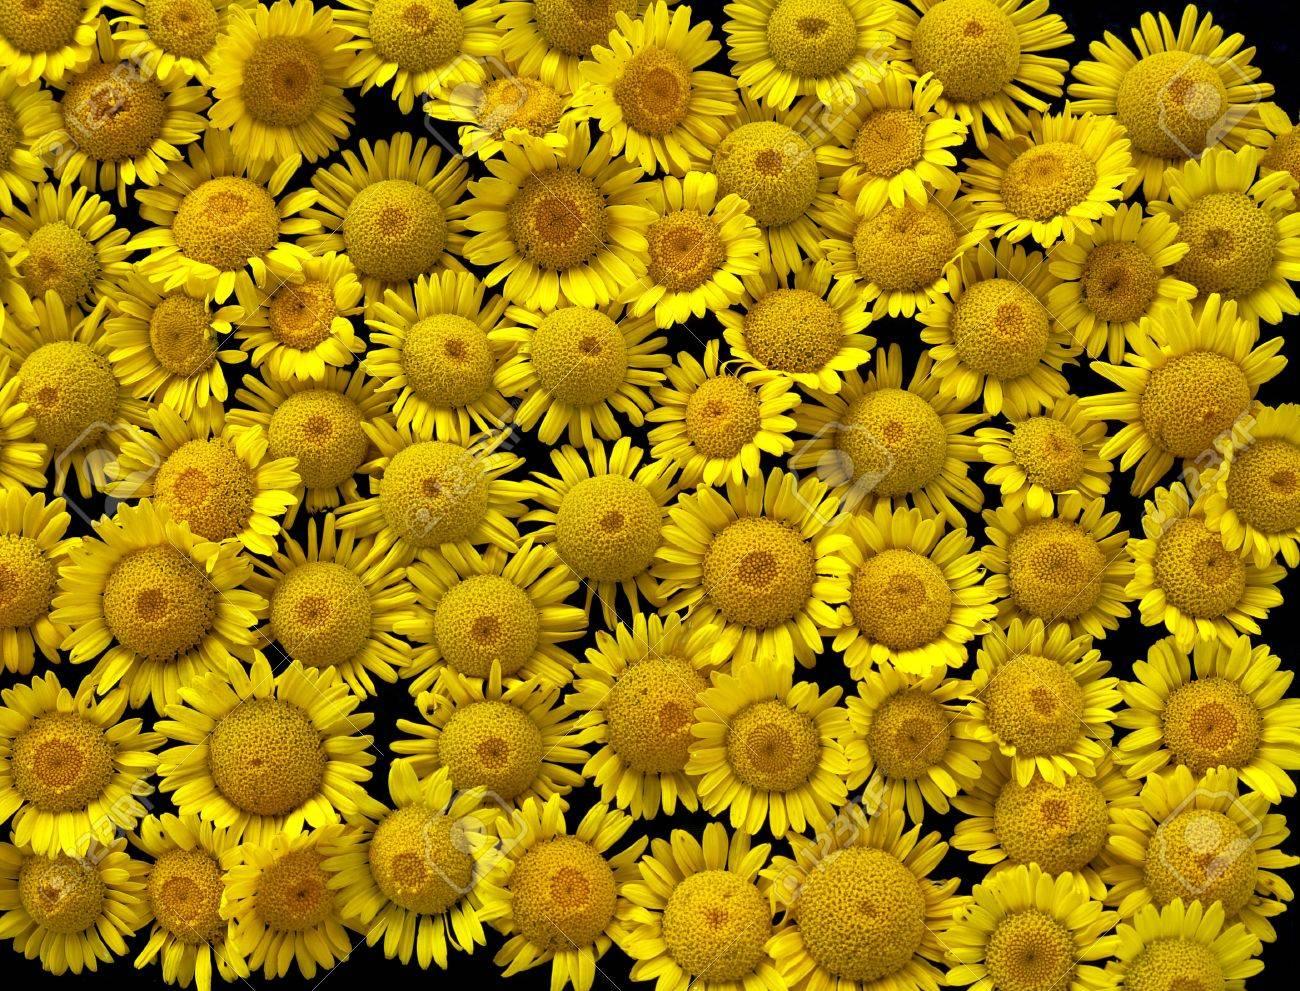 Un Monton De Pequenas Flores Silvestres Amarillas En El Fondo Fotos